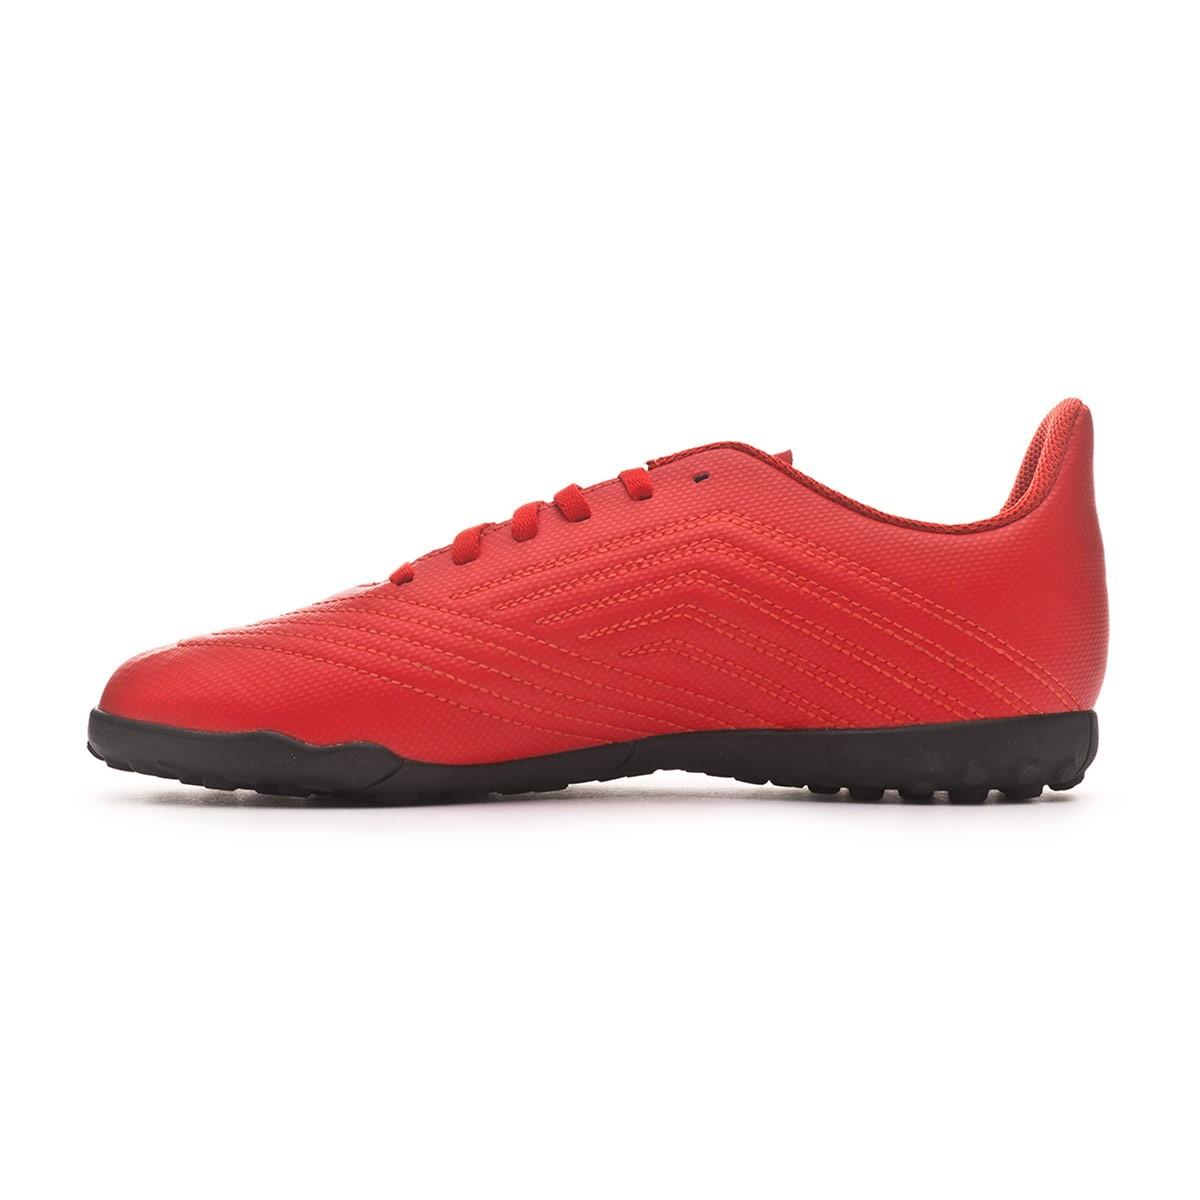 310074c8d6e2a Sapatilhas adidas Predator Tango 19.4 Turf Crianças Active red-Solar red-Core  black - Loja de futebol Fútbol Emotion